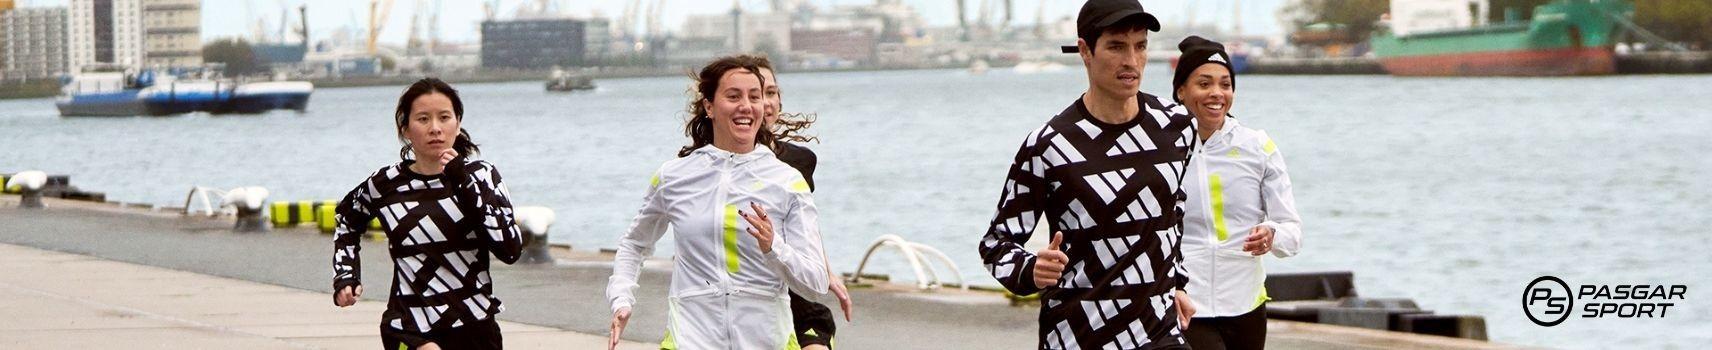 Partes de arriba en Ropa de Deporte para Mujer en Pasgar Sport